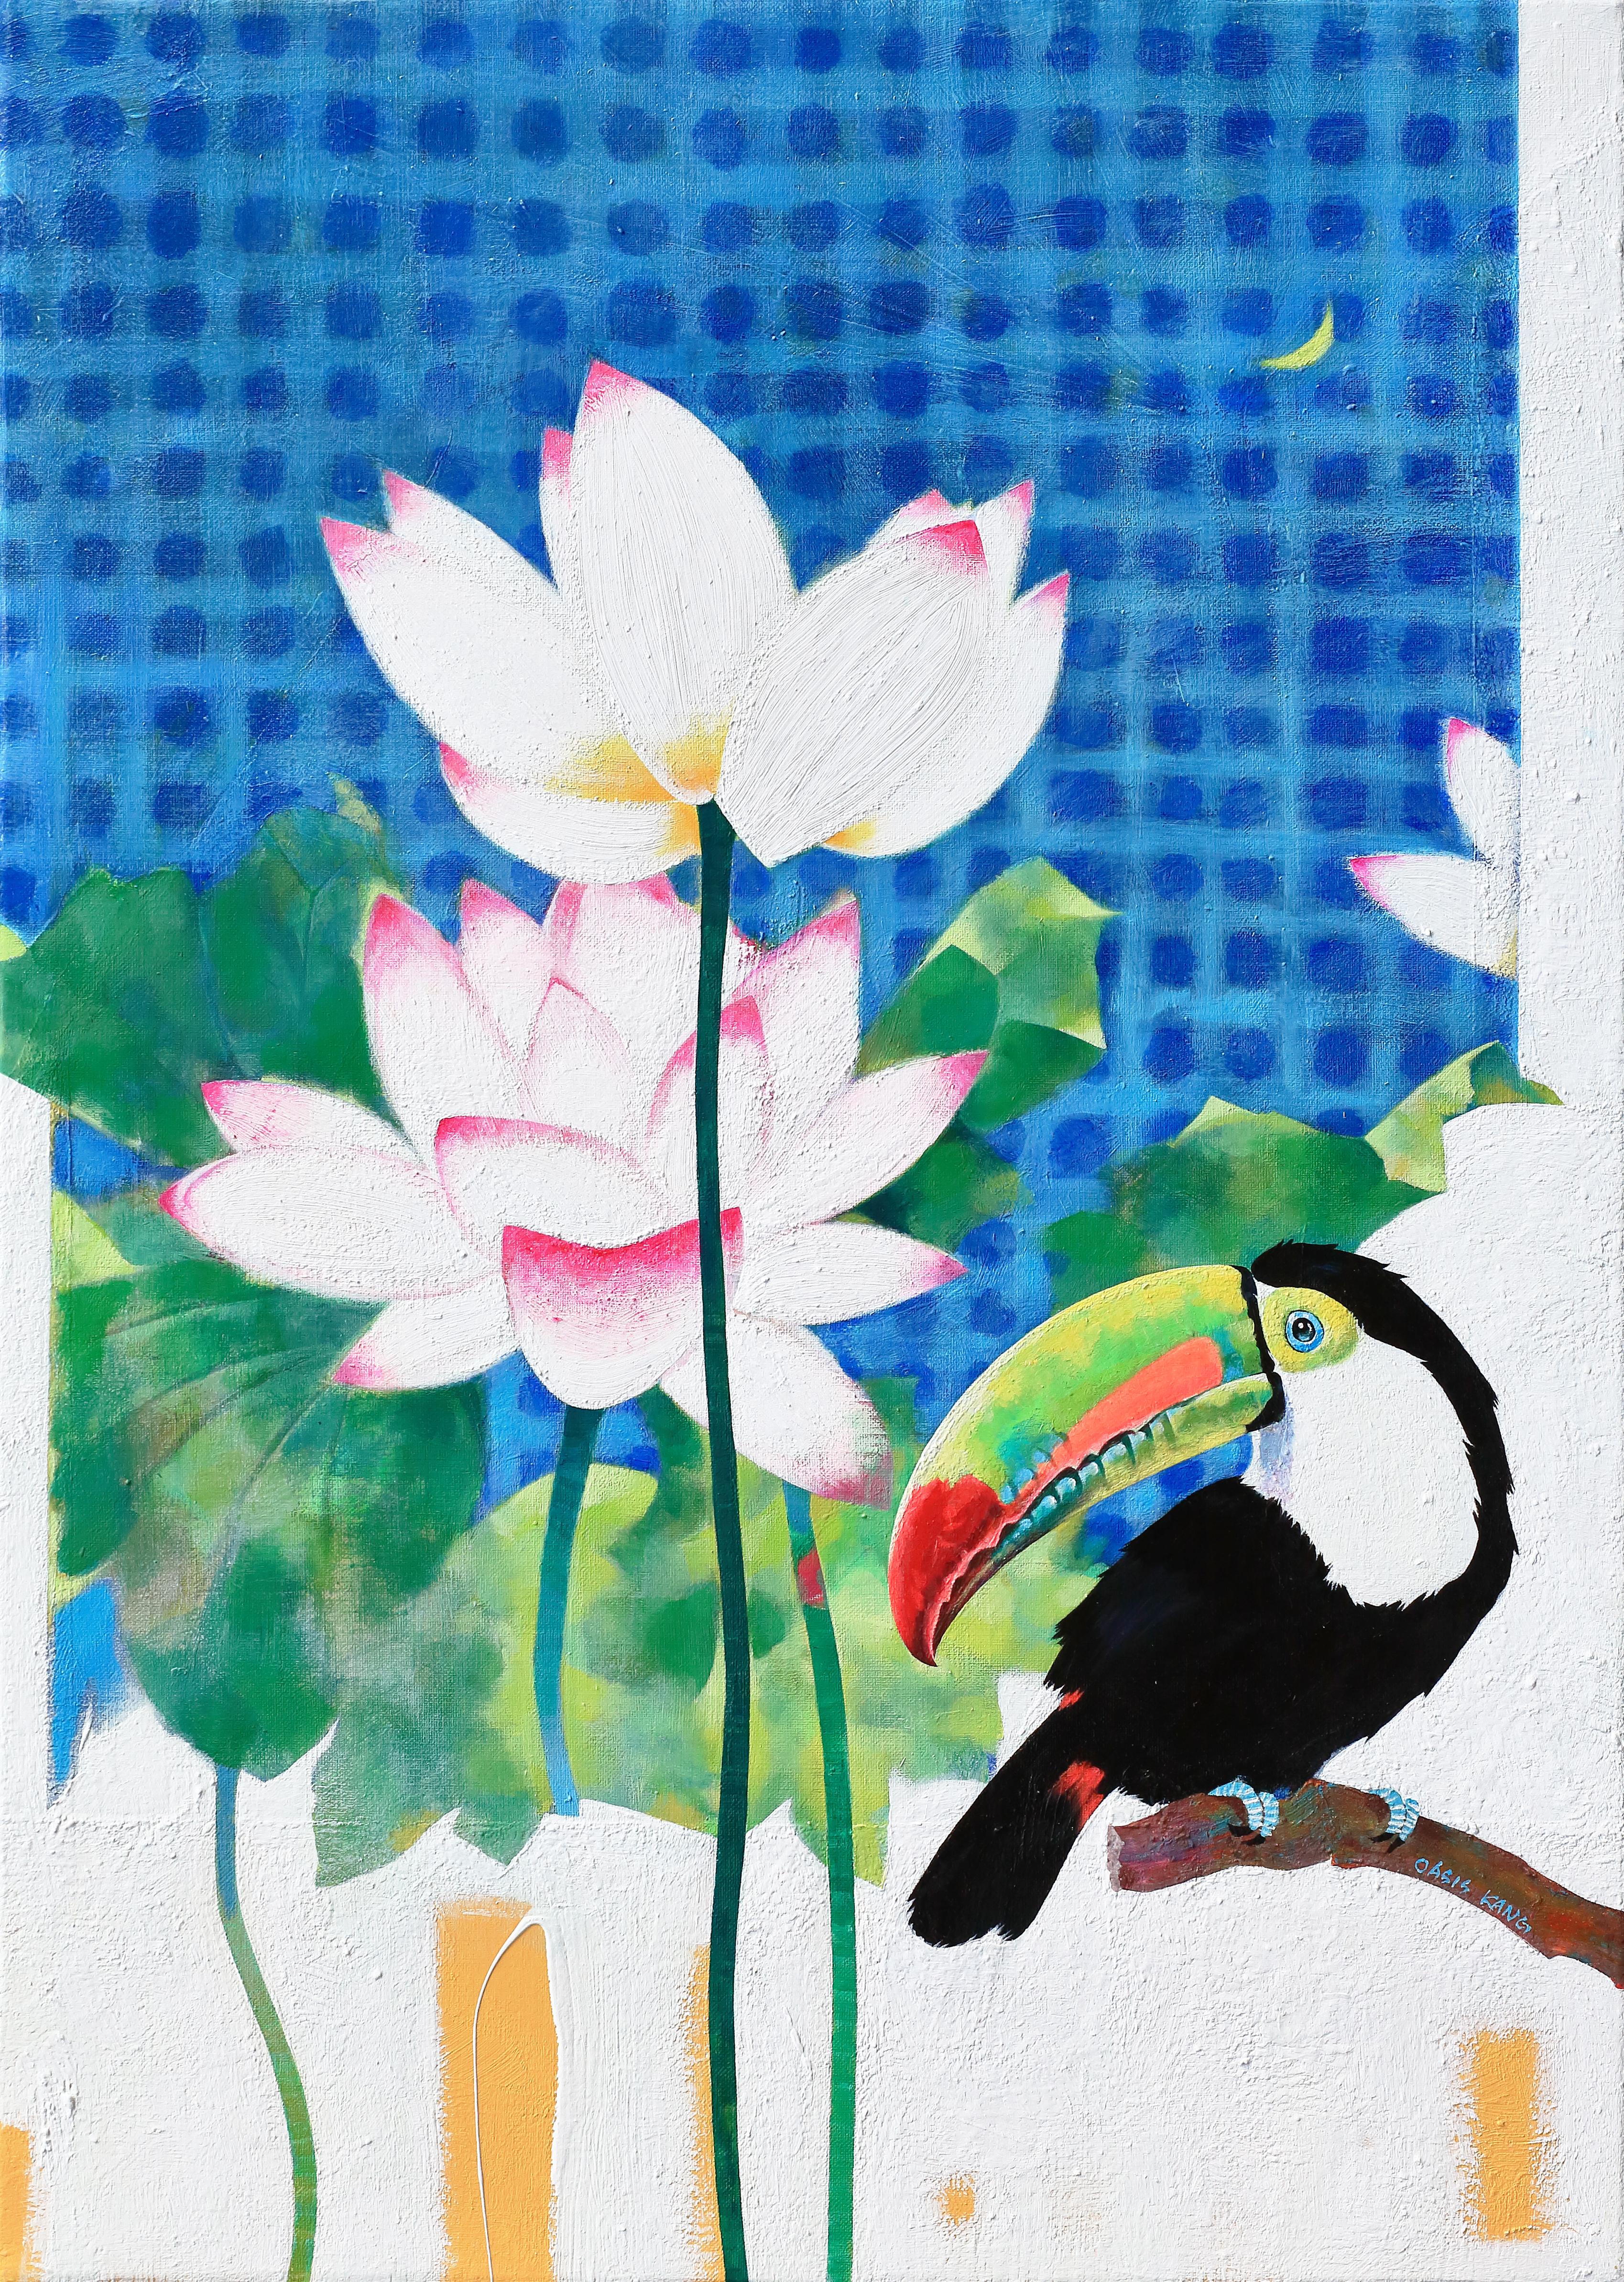 강라희, Oasis-꽃으로 피어나다, 65 x 91 cm, Acrylic